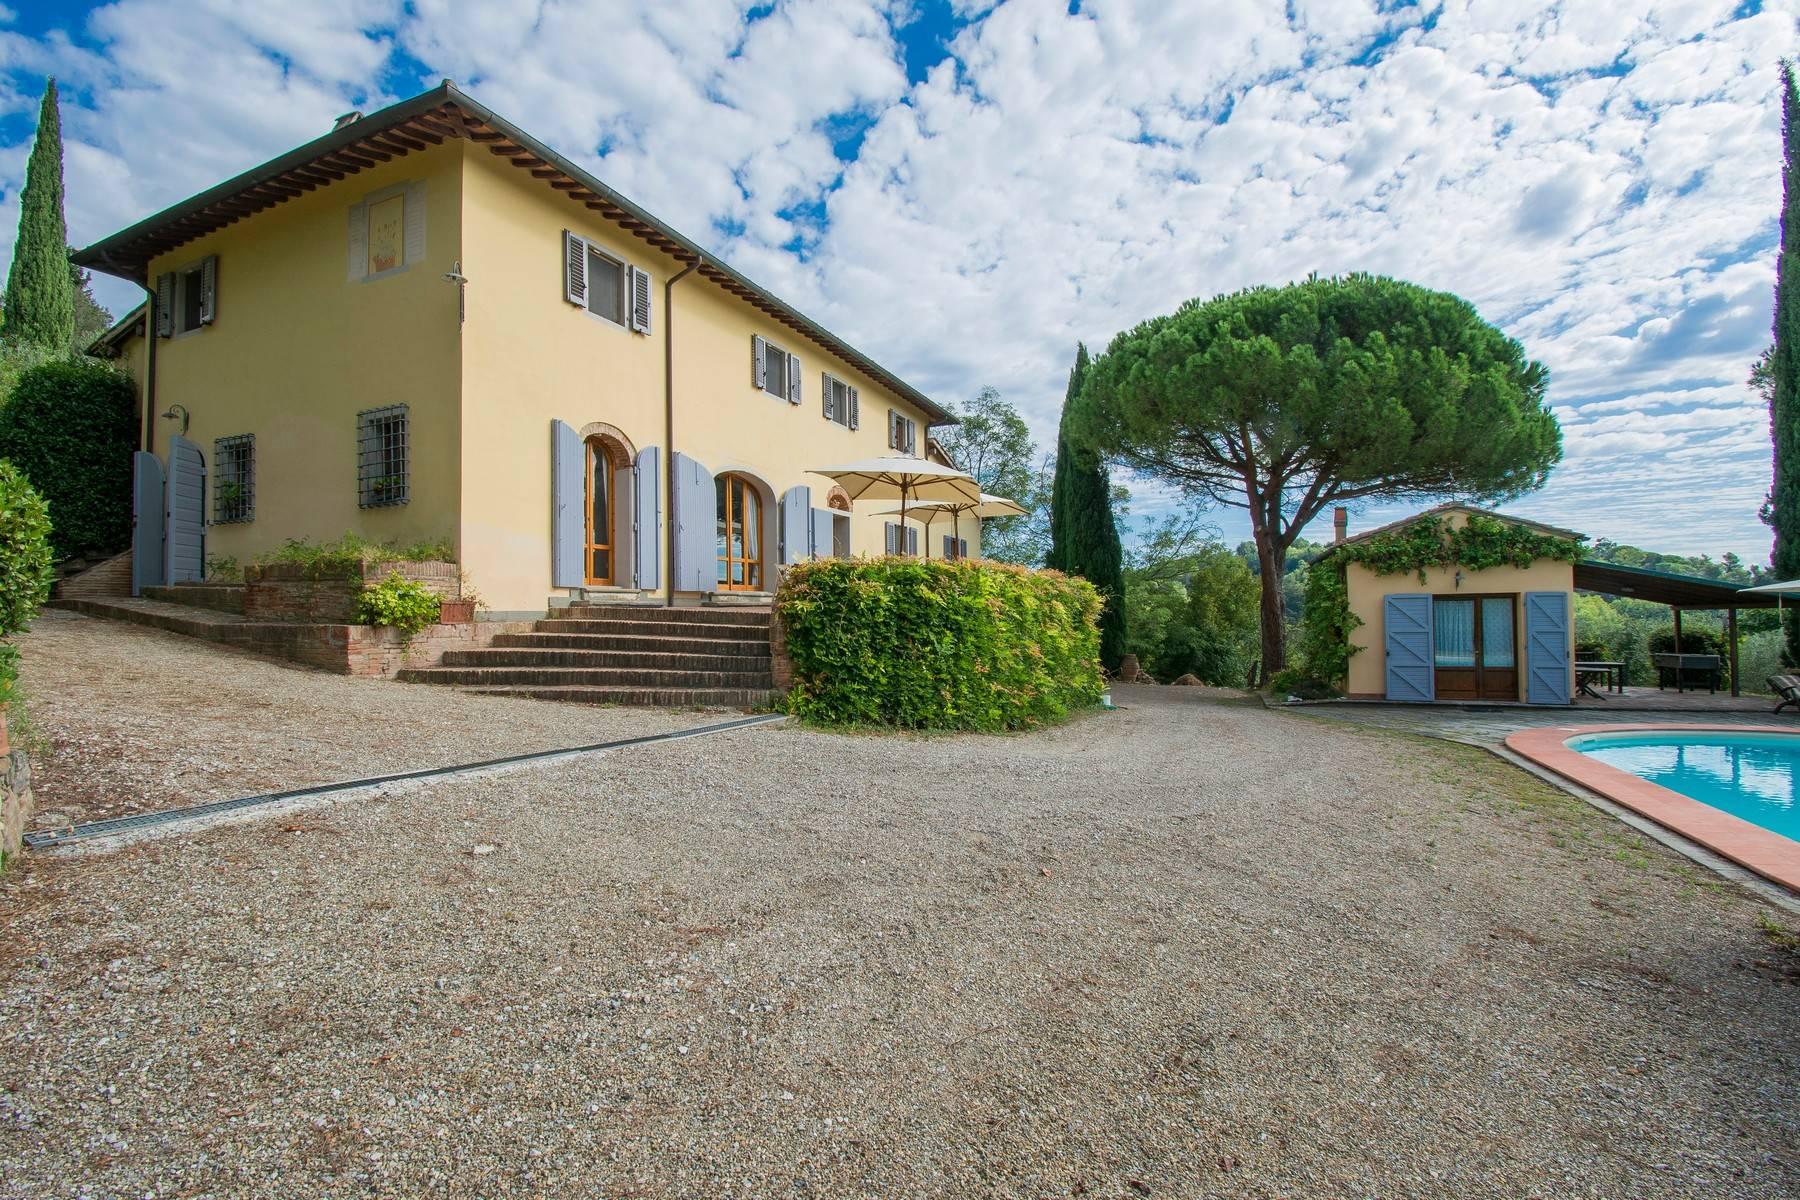 Villa in Vendita a Montopoli In Val D'Arno: 5 locali, 400 mq - Foto 4